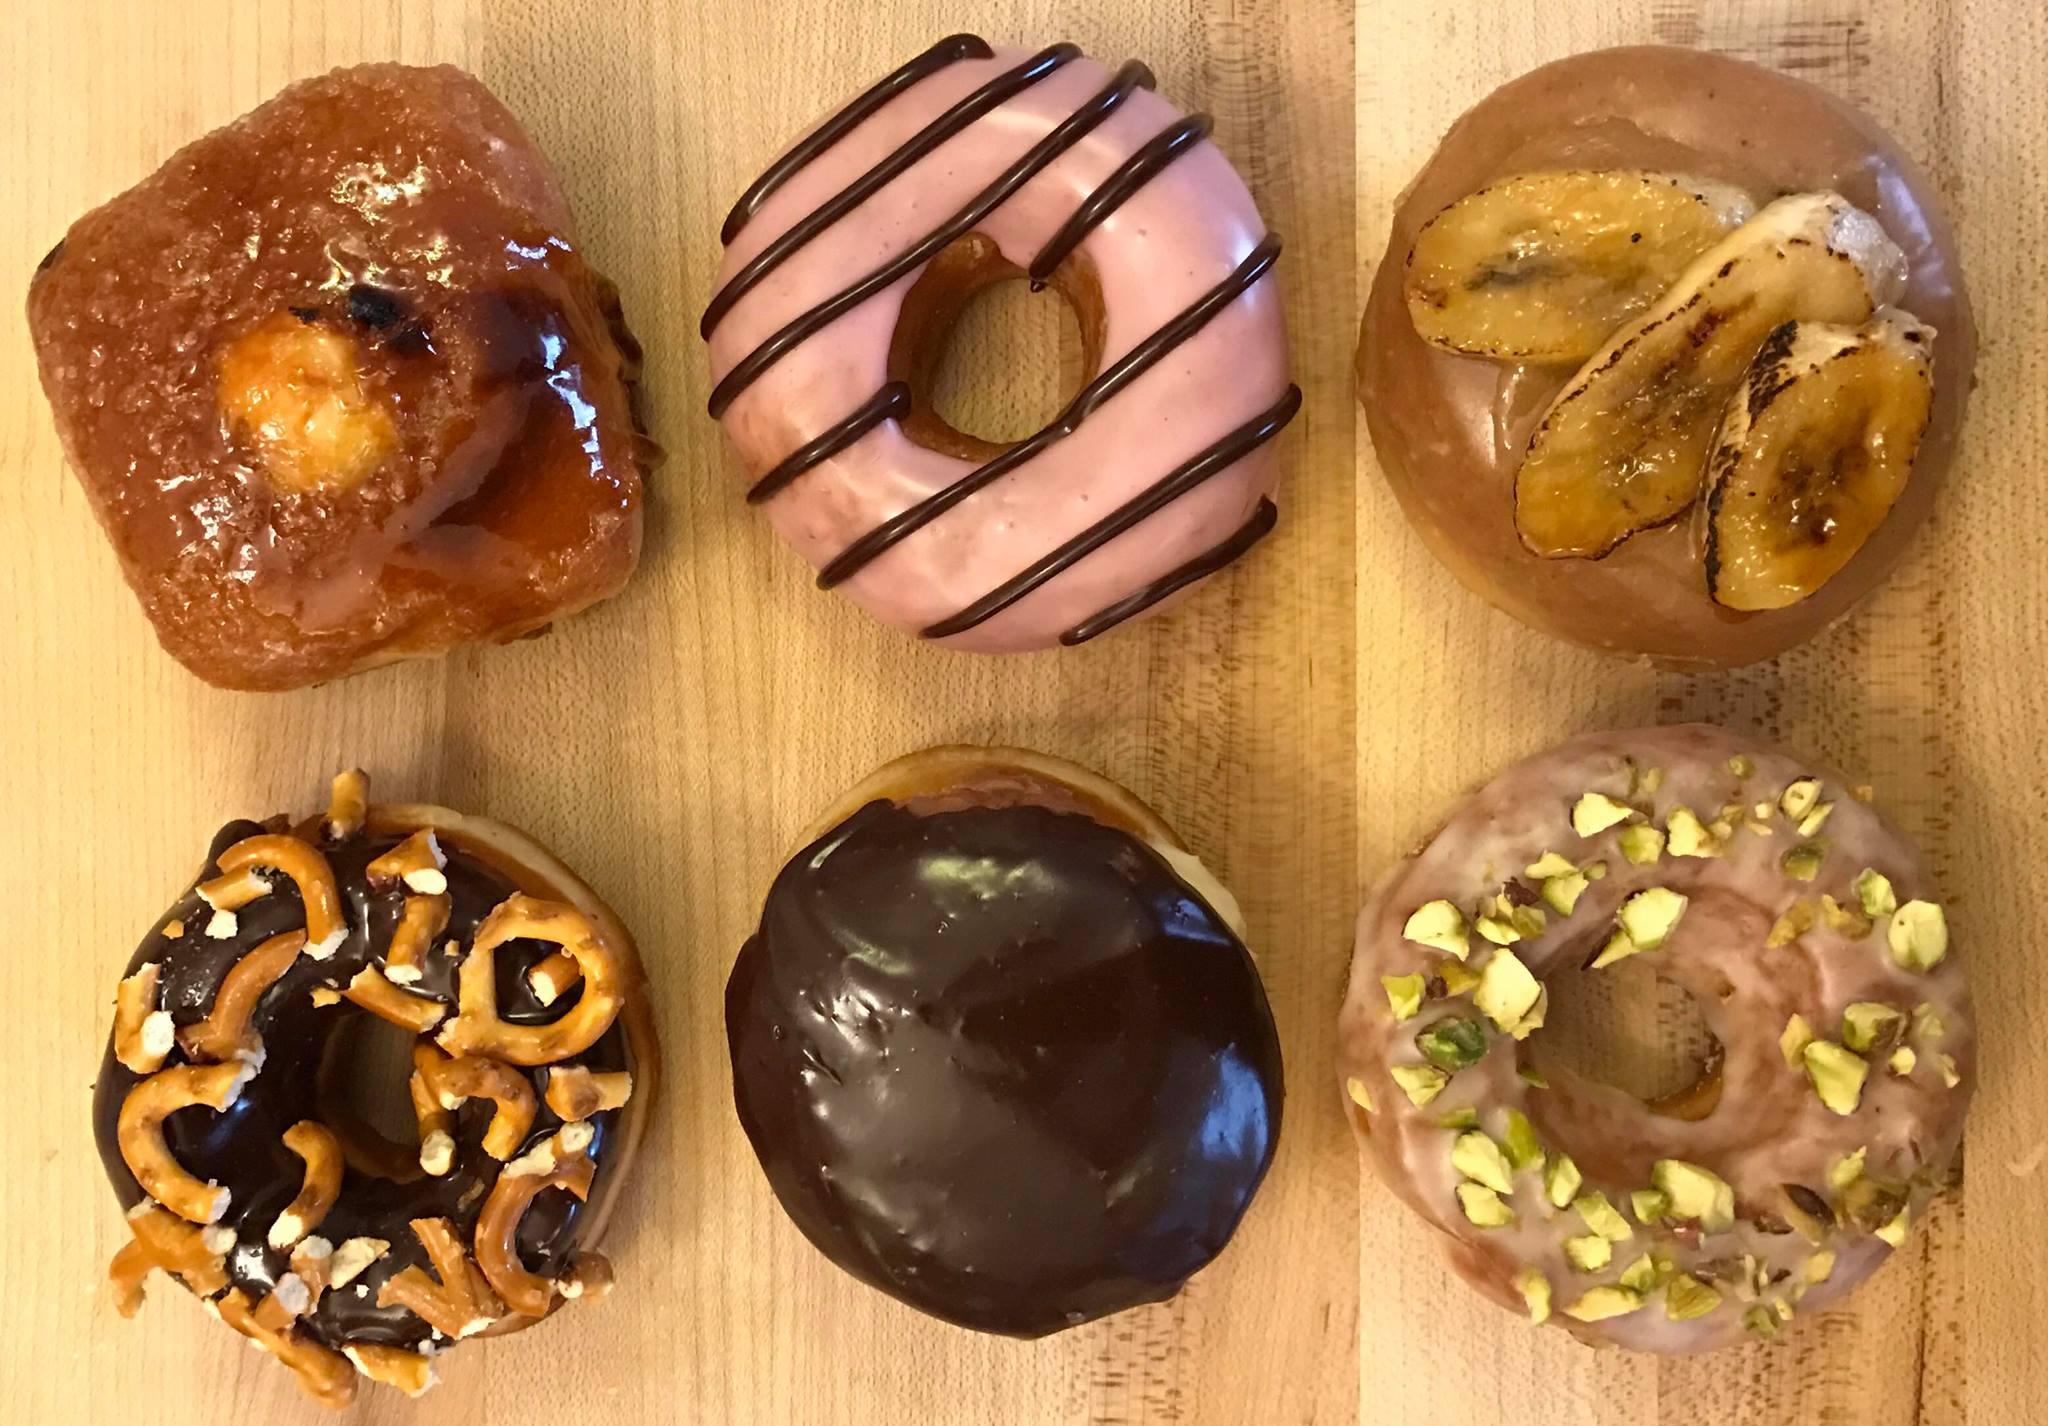 Speakeasy Donuts